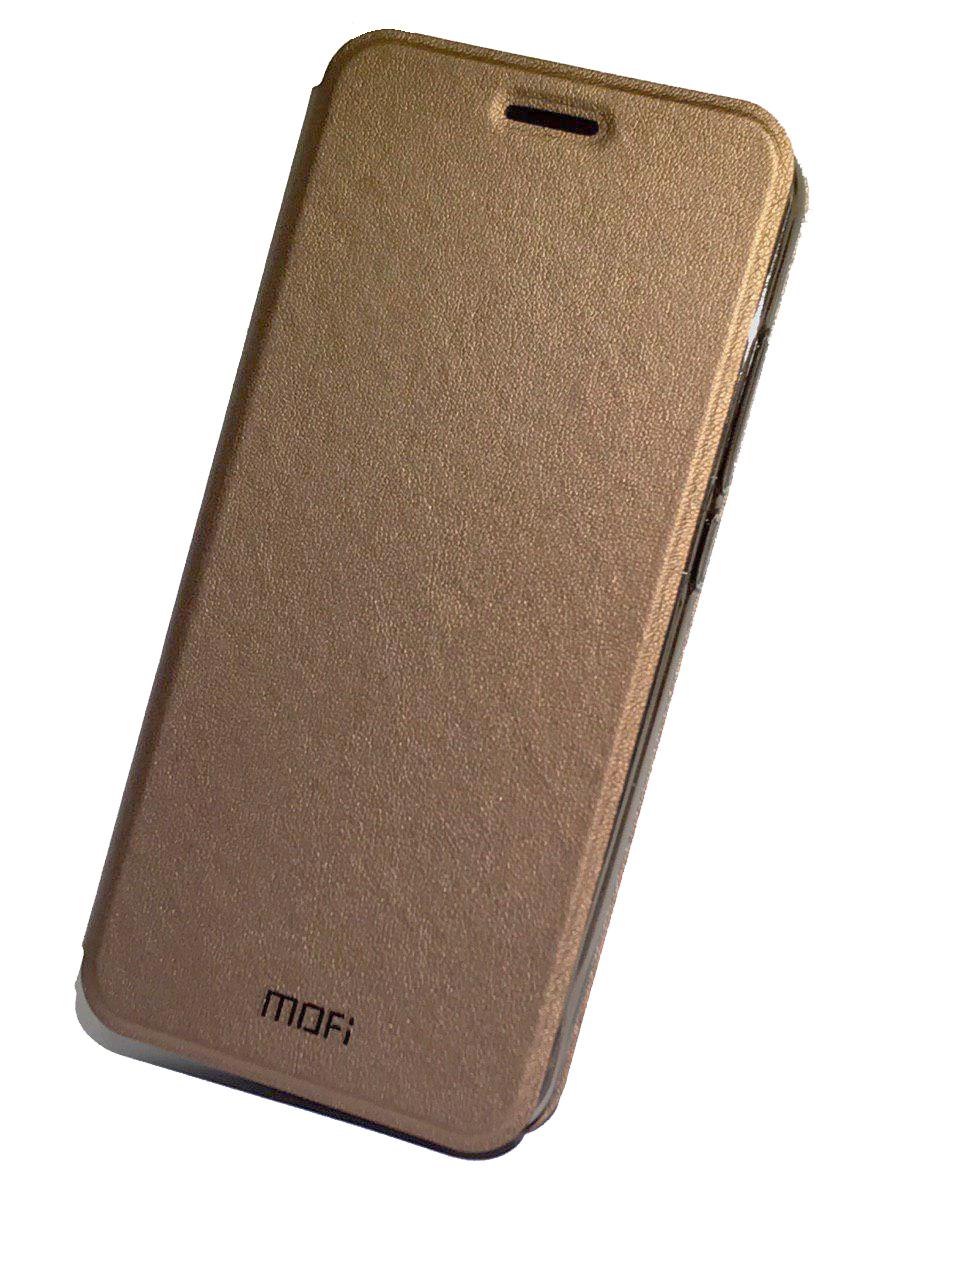 Чехол для сотового телефона Mofi Книжка Grain Xiaomi Redmi Note 5/ 5 Pro Brown, коричневый чехол книжка interstep vibe для xiaomi redmi note 5 pro черный